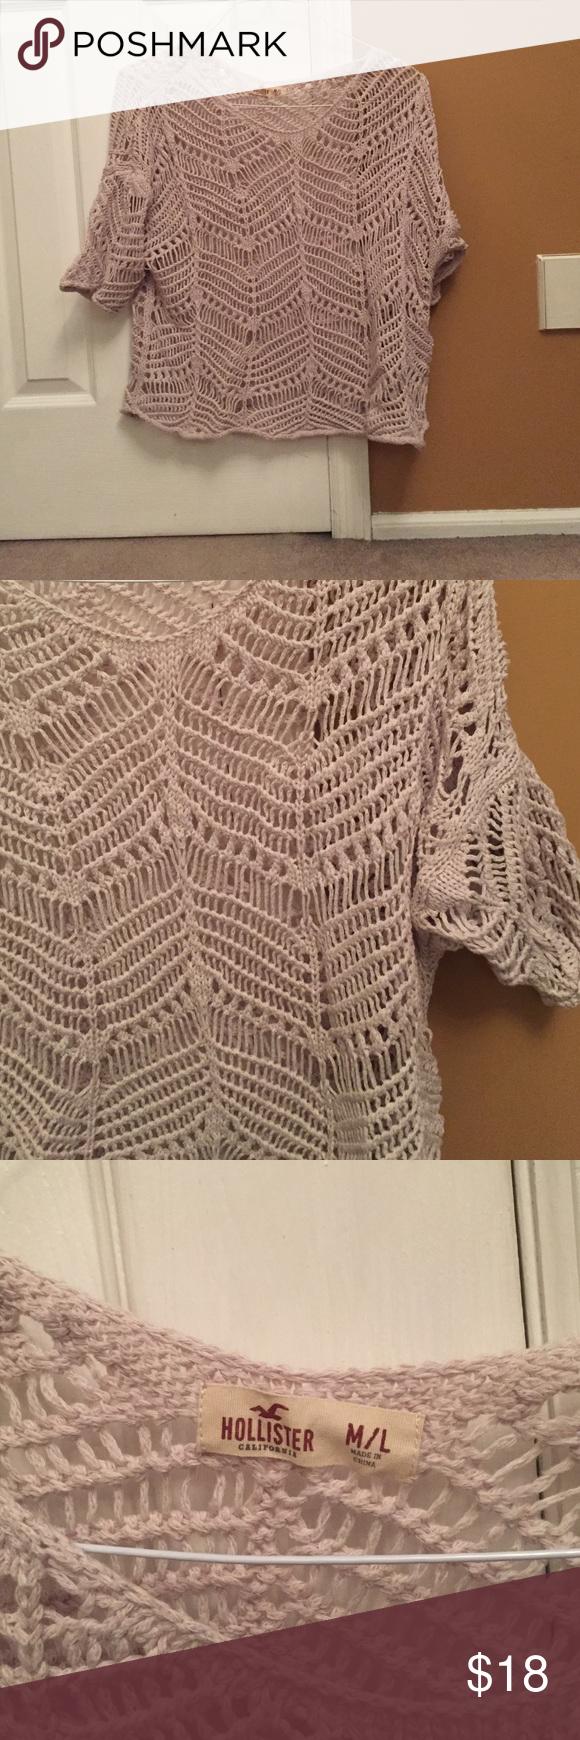 HOLLISTER SHIRT Cute shirt. Wear a tank under it ! Size medium Hollister Tops Camisoles